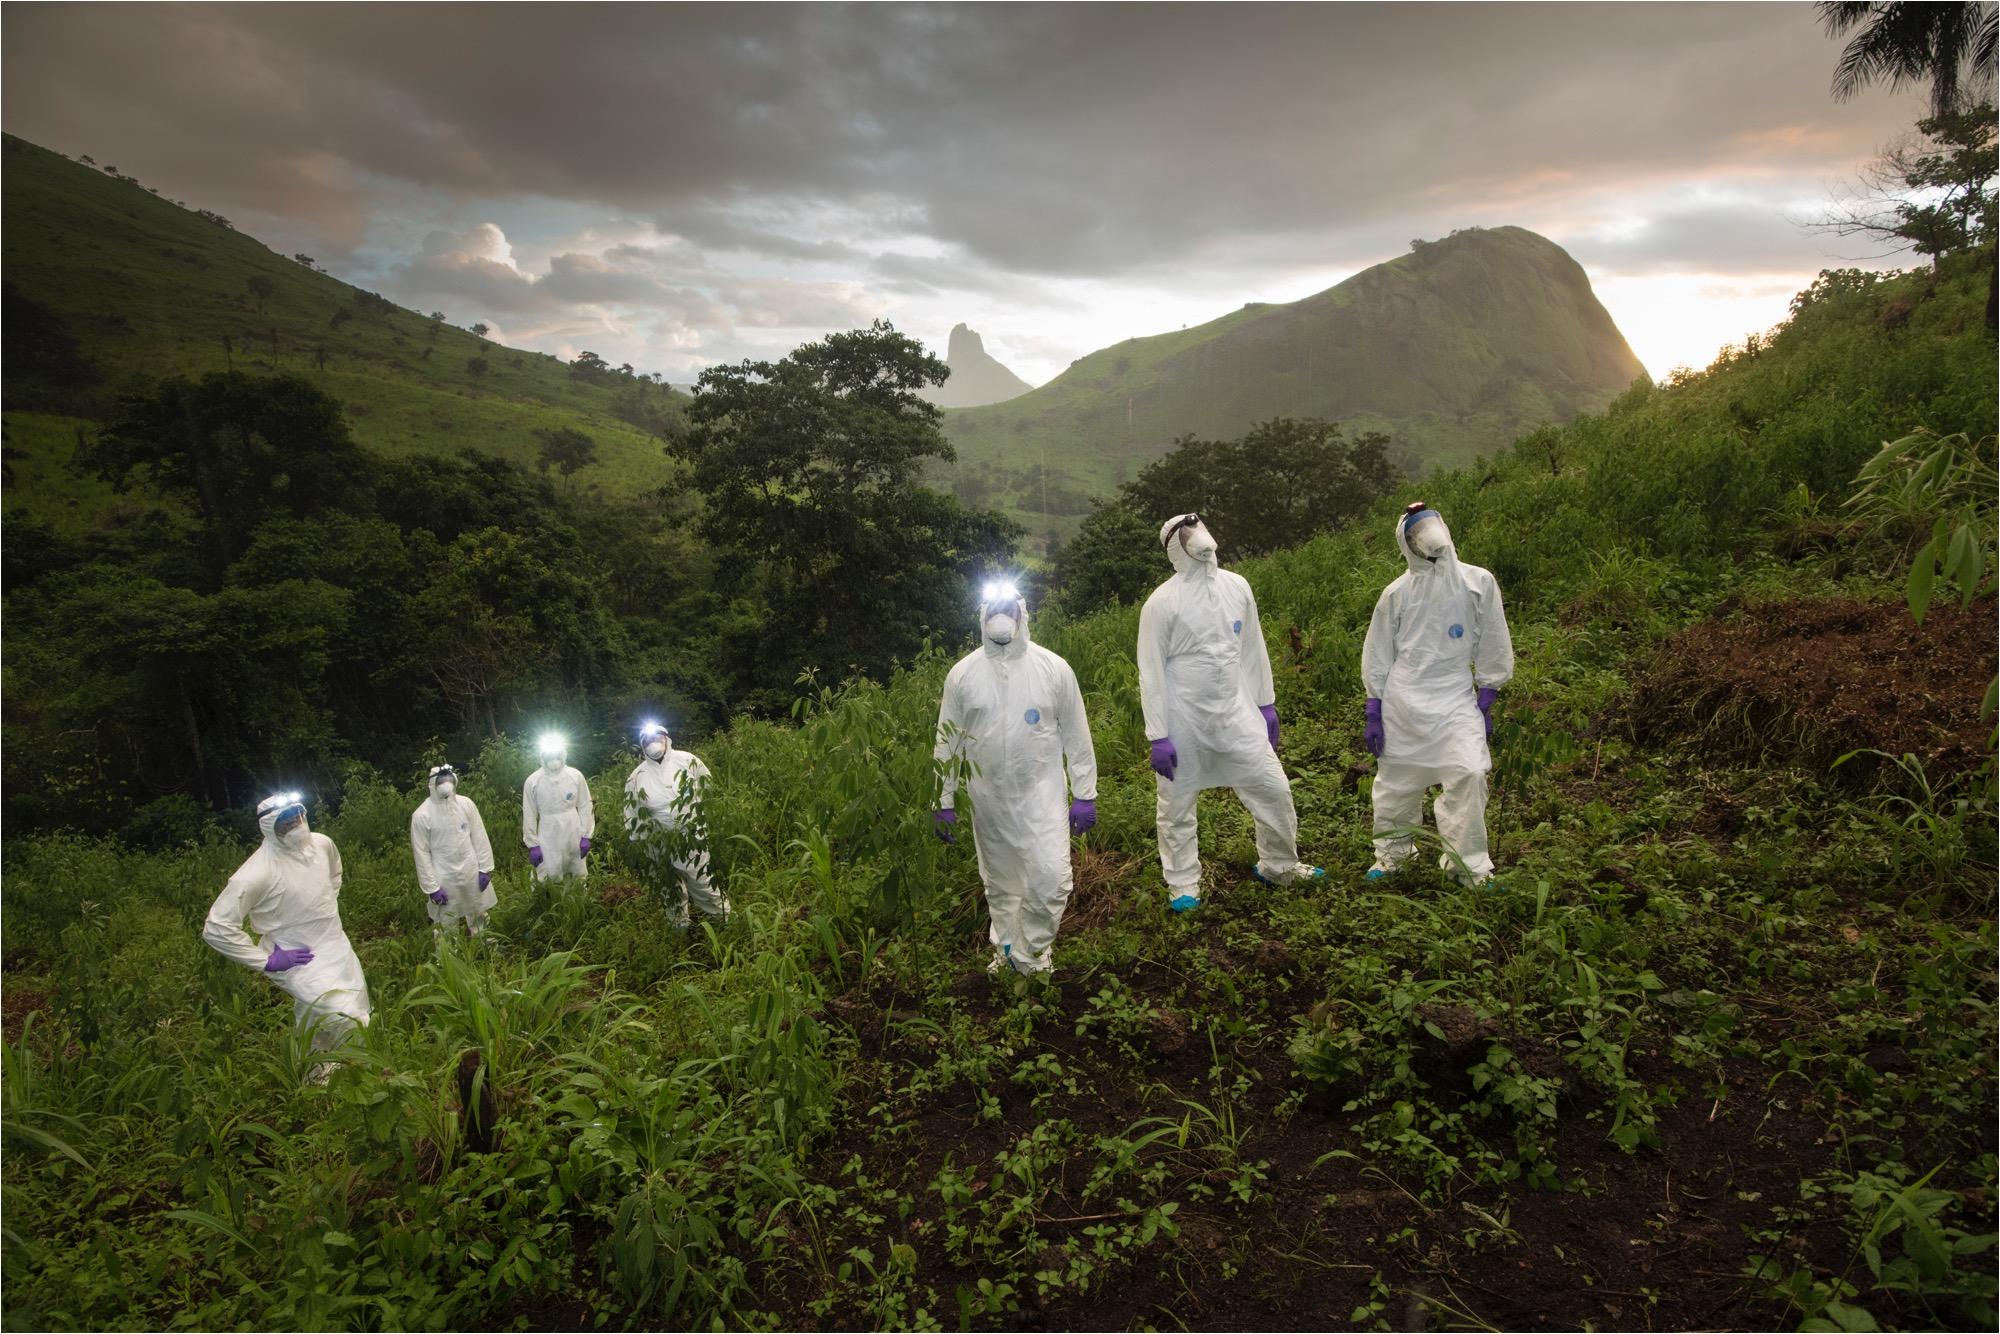 The Virus Hunters